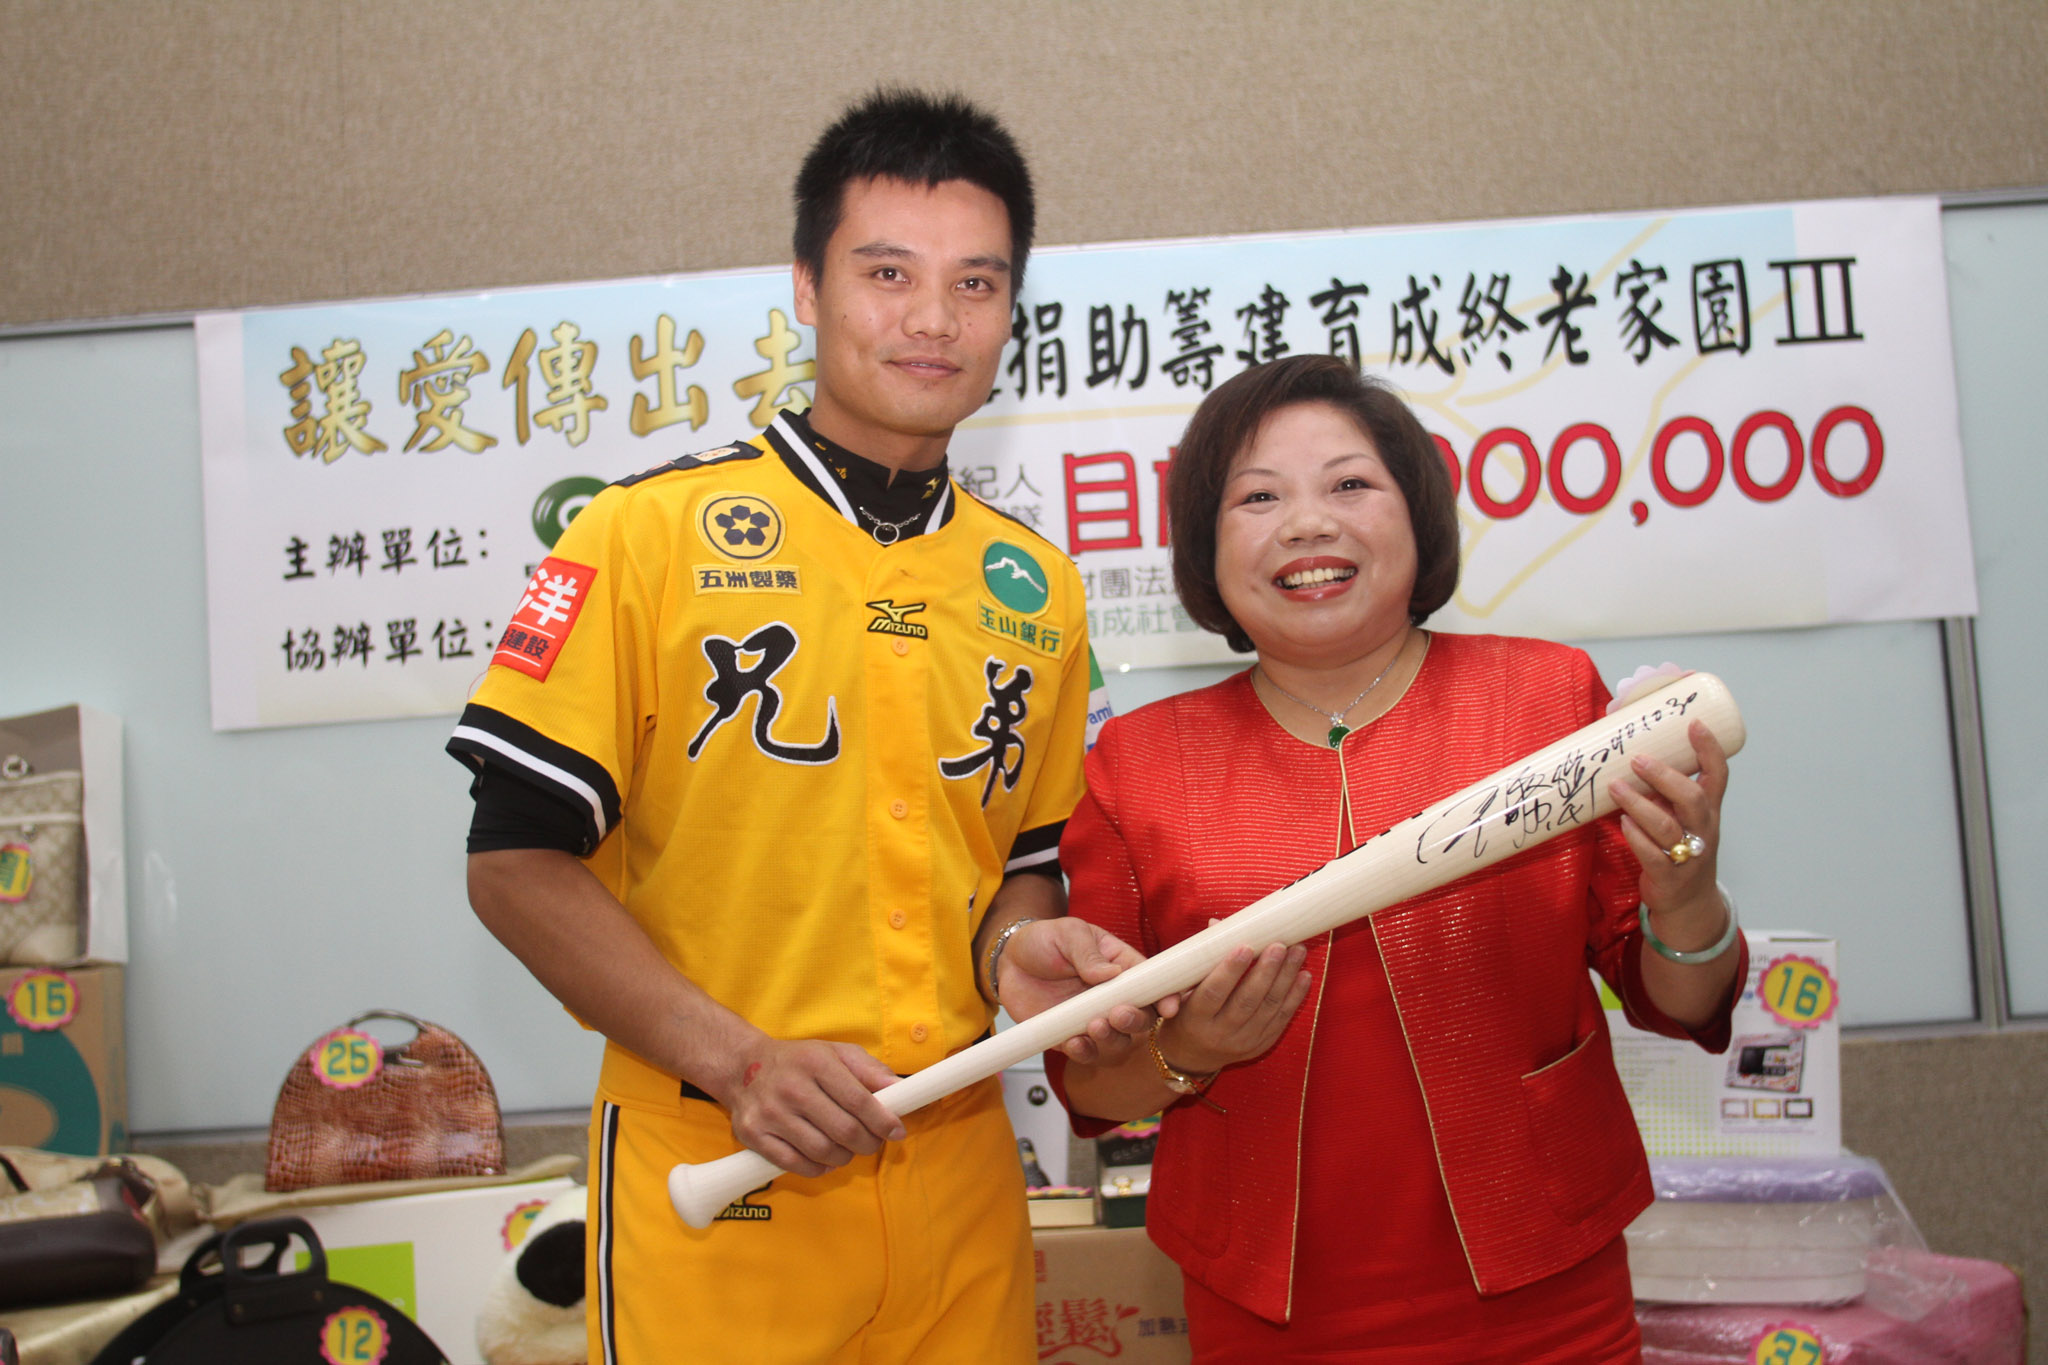 永達黃素英副總(右)高價標下兄弟象王勝偉(左)提供的專屬貼身練習球棒。